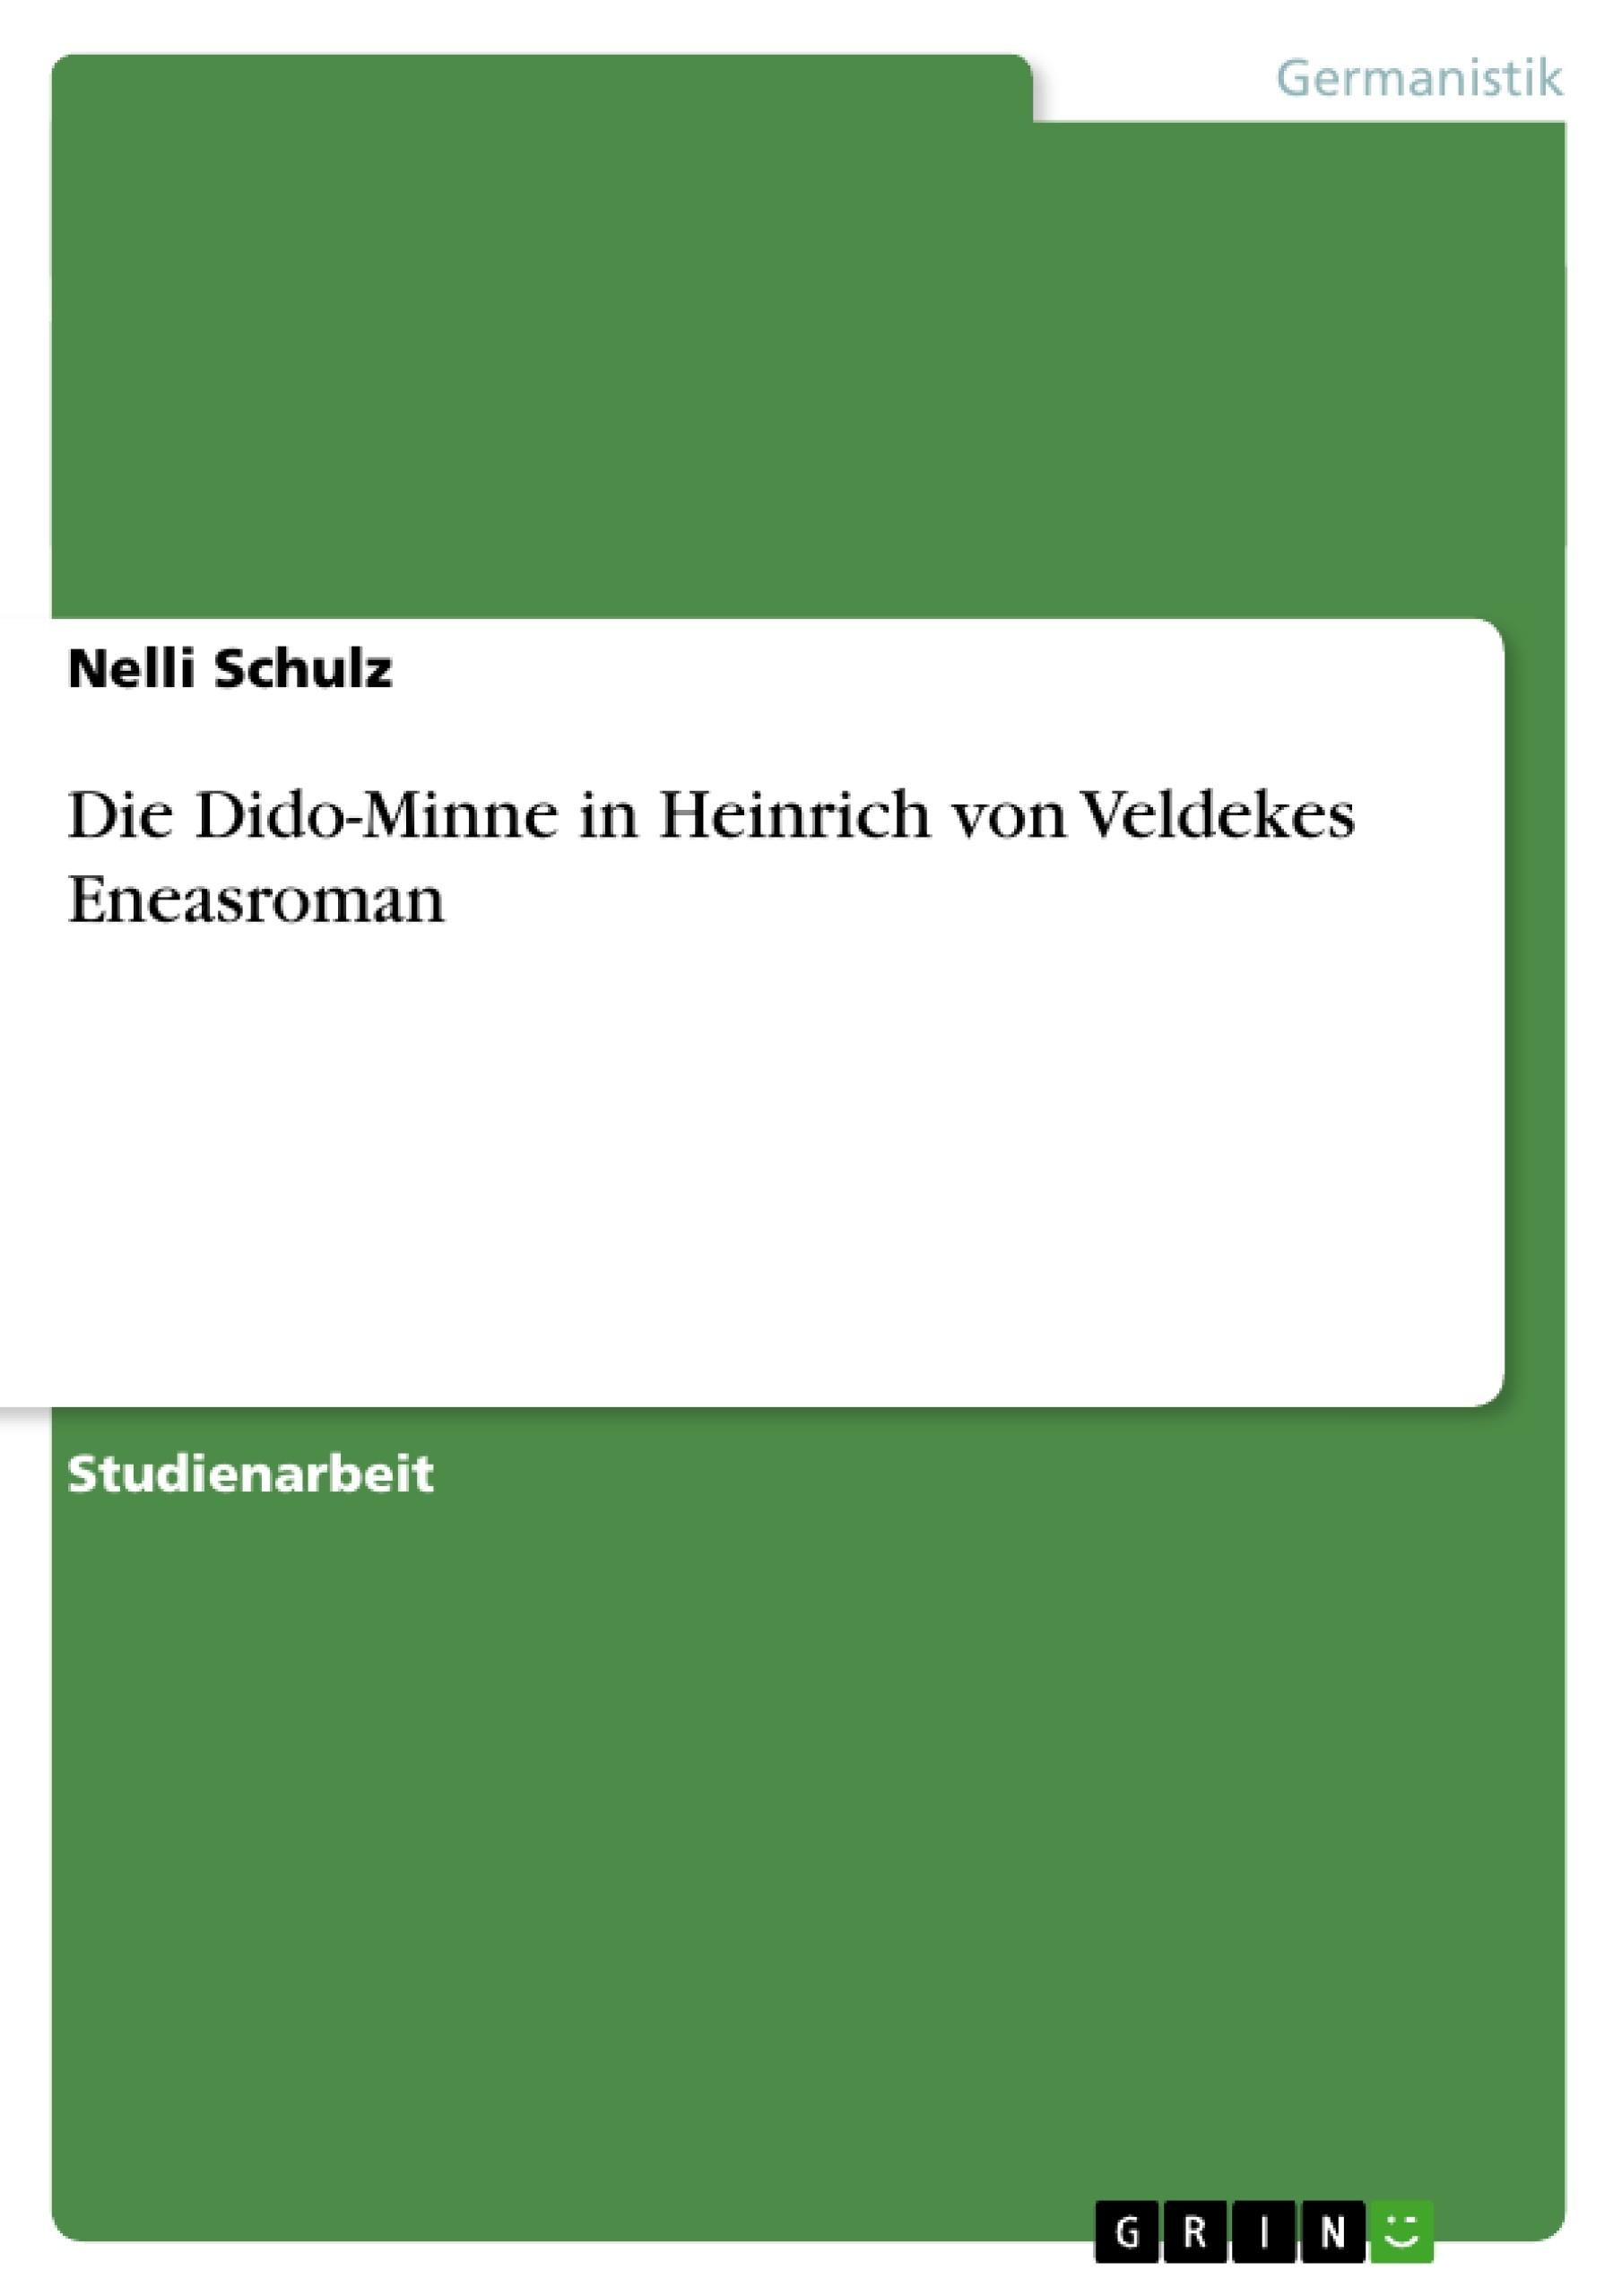 Titel: Die Dido-Minne in Heinrich von Veldekes Eneasroman